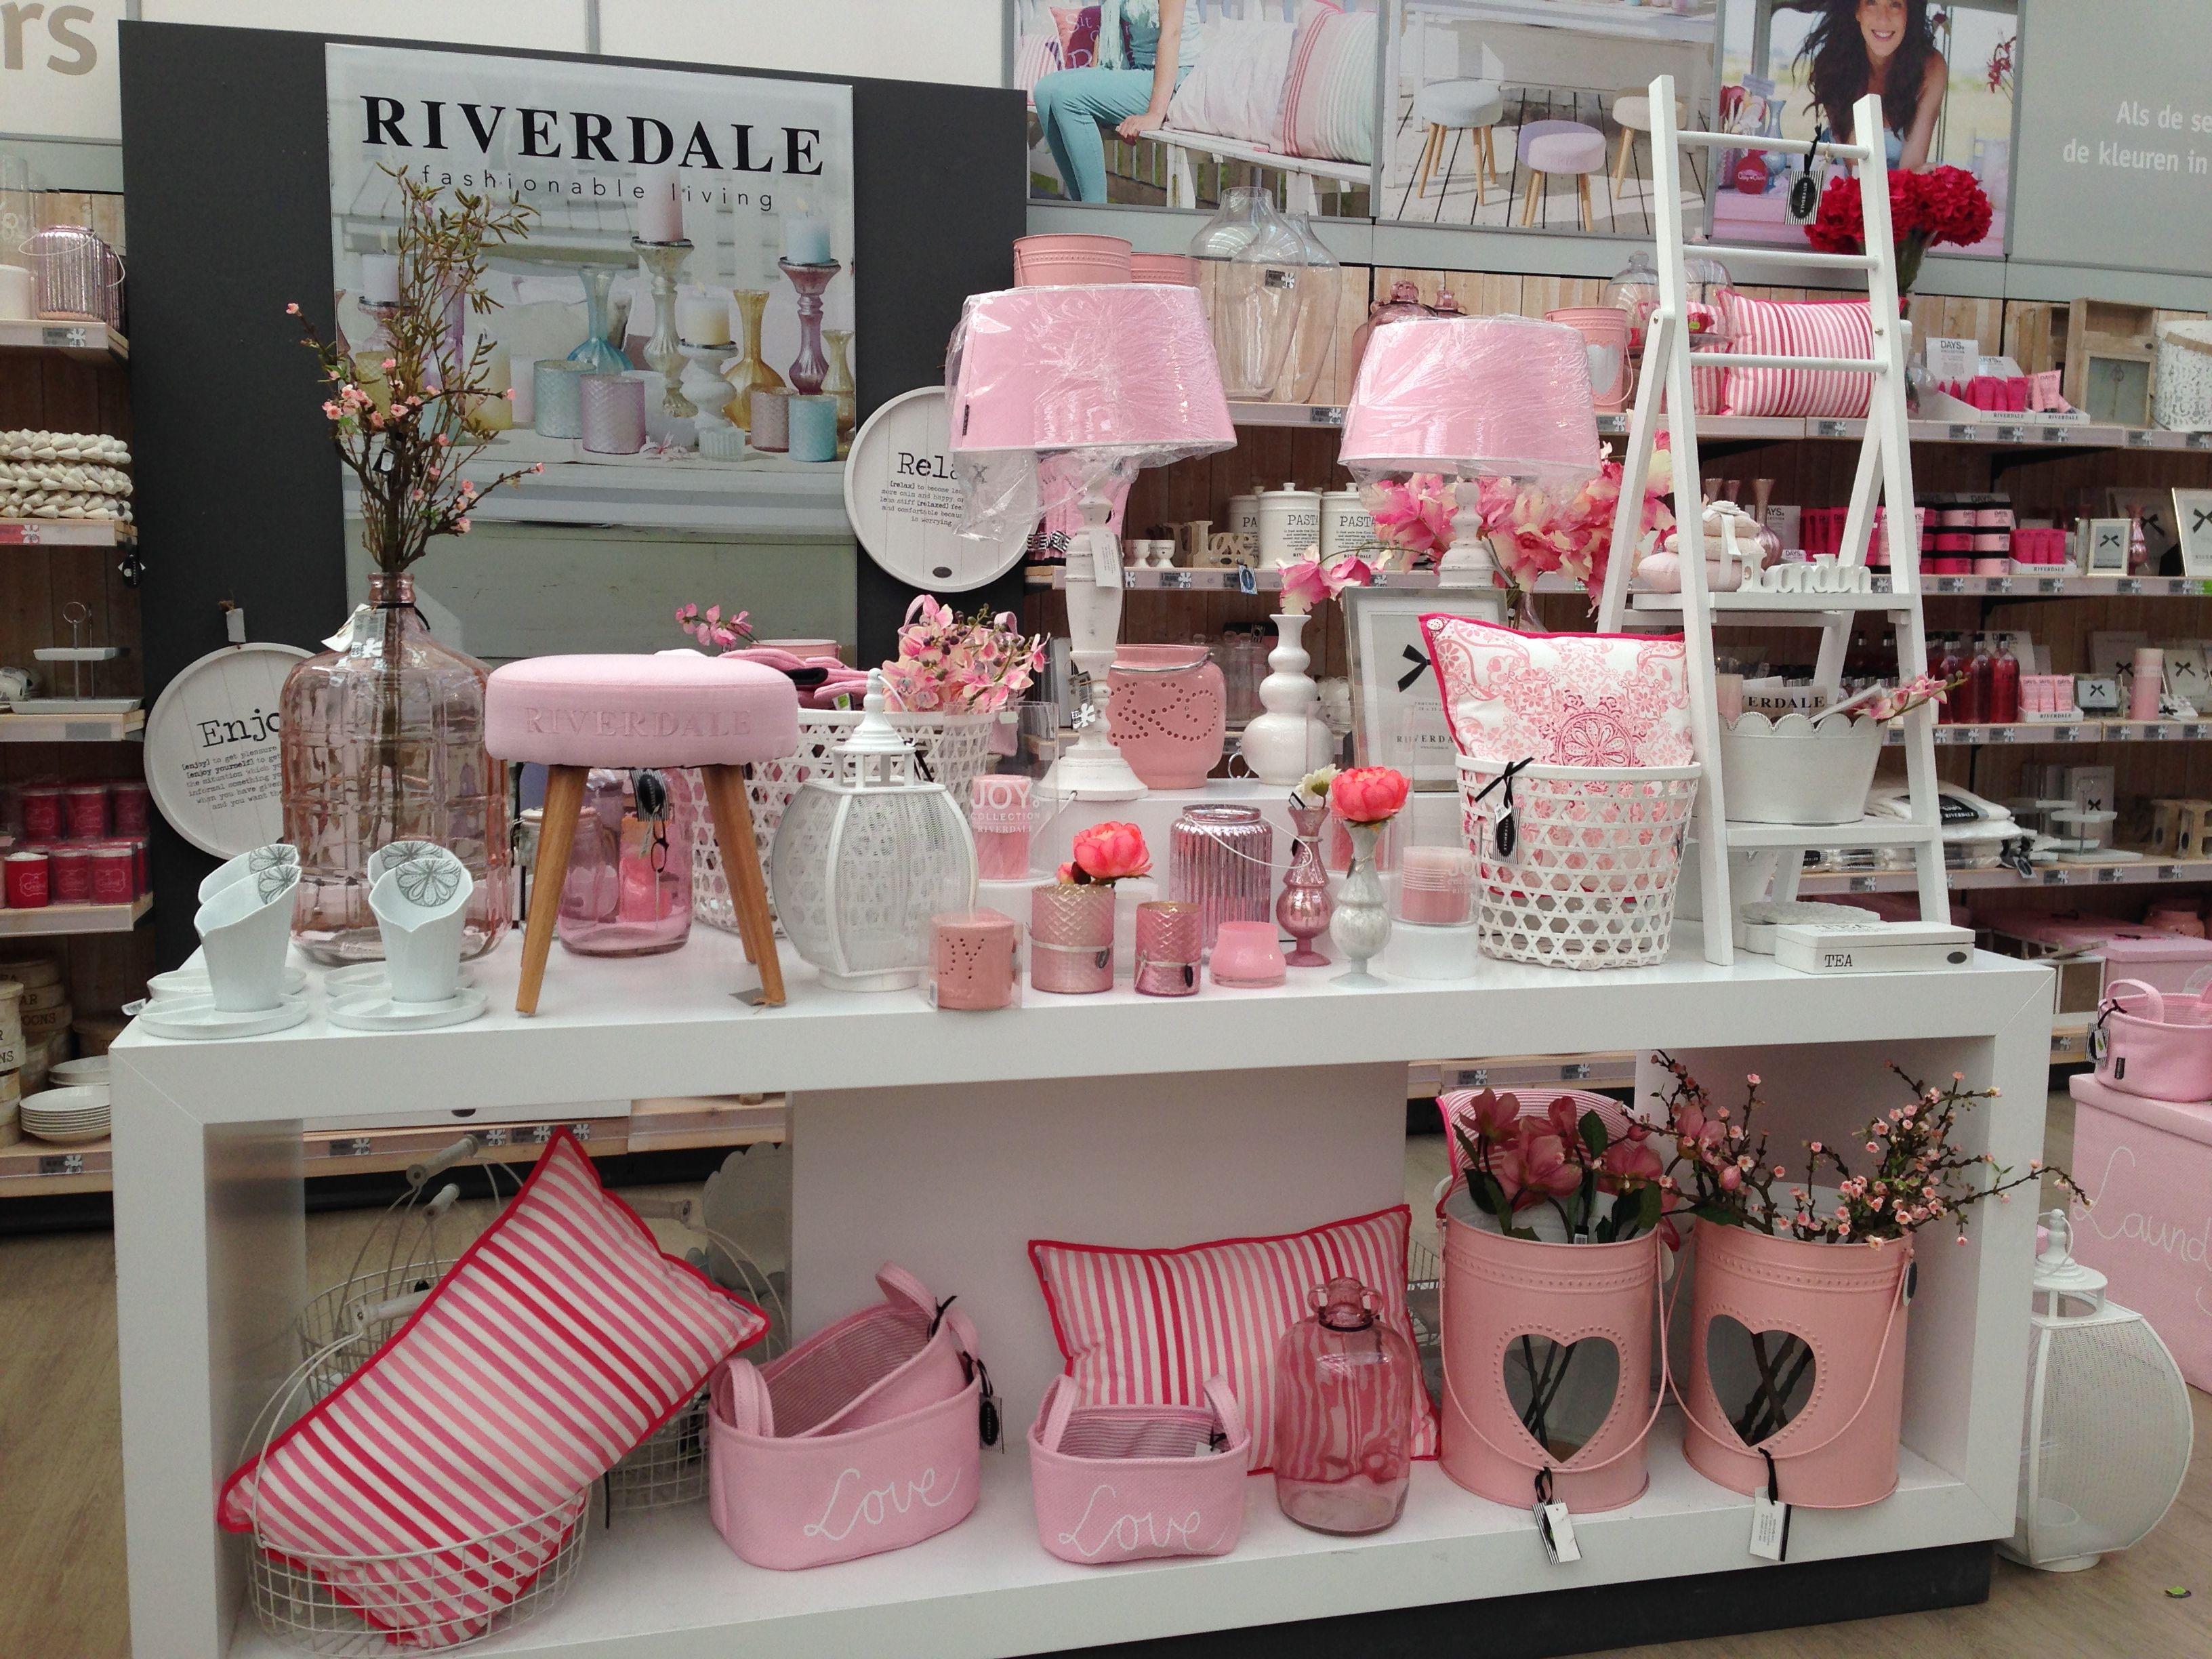 Roze woonaccessoires zijn in op de afdeling riverdale. april 2014